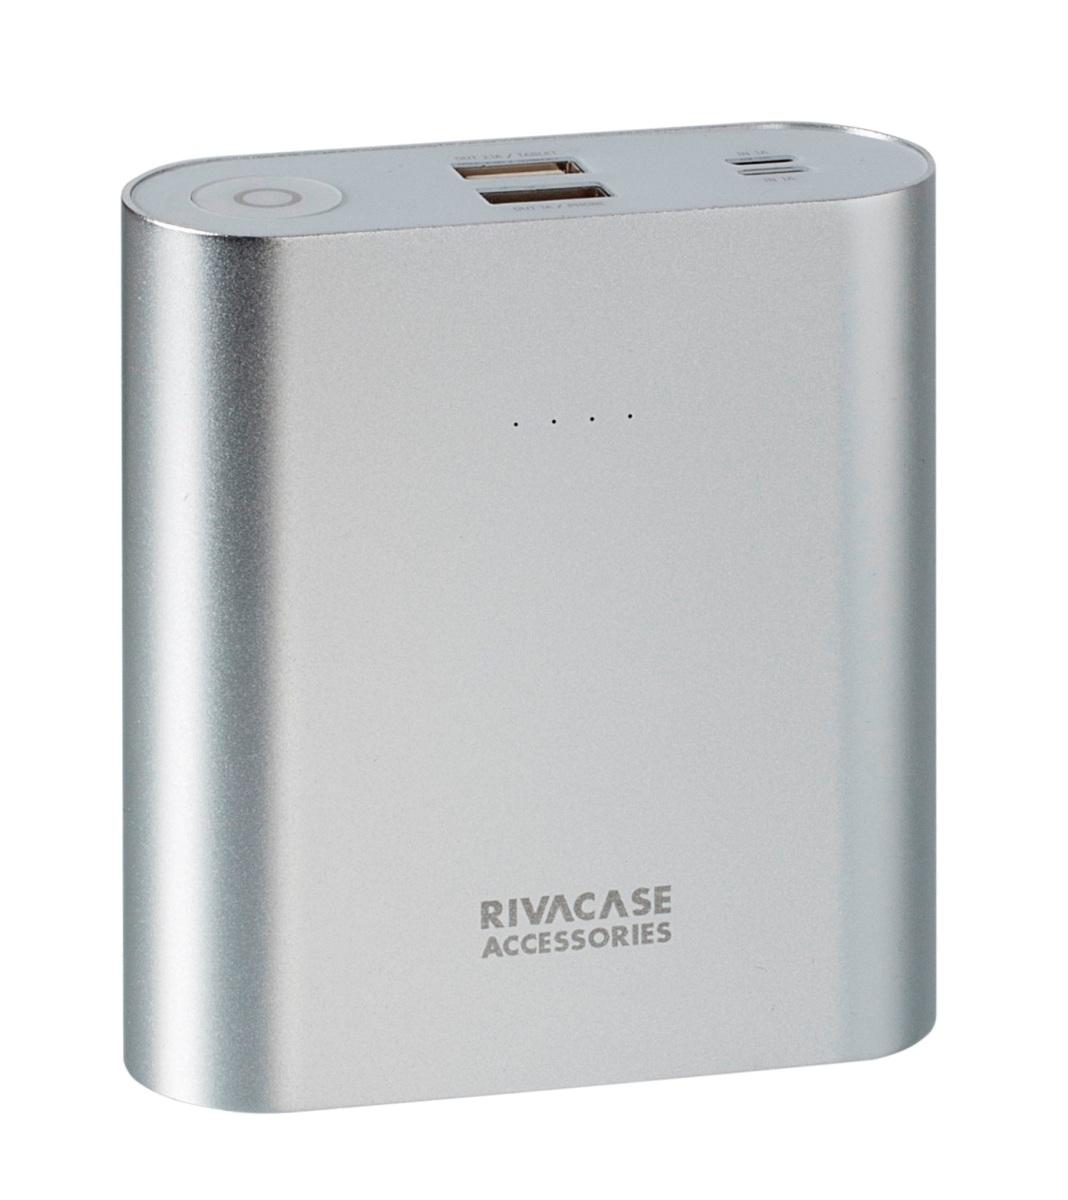 Rivapower VA1015 внешний аккумуляторVA 1015Rivapower VA1015 - литий-ионный внешний аккумулятор емкостью 15000 мАч. Устройство имеет два входа для заряда аккумуляторной батареи через кабель с Micro USB разъемом или через оригинальный кабель Apple Lightning. Два USB выхода с суммарным током до 3.1А позволяют быстро заряжать 2 устройства одновременно. Аккумулятор совместим с наиболее популярными мобильными устройствами, в том числе и с iPhone, iPad.Rivapower VA1015 автоматически включится при подключении мобильного устройства к аккумулятору и выключится при завершении зарядки. Четыре светодиодных индикатора на лицевой стороне показывают уровень заряда аккумулятора. Встроенная защита от перегрева, перезаряда, переразряда, перегрузки по току и короткого замыкания защитят прибор от порчи и выхода из строя.Надежный алюминиевый корпус предохраняет устройство от случайного повреждения, поглощает и отводит тепло, производимое аккумулятором. Полностью заряженный аккумулятор Rivapower VA1015 заряжает смартфон до 6 раз или планшет до 3 раз (в зависимости от емкости батареи мобильного устройства). Аккумуляторная батарея Rivapower VA1015 при правильной эксплуатации может быть заряжена более 500 раз.